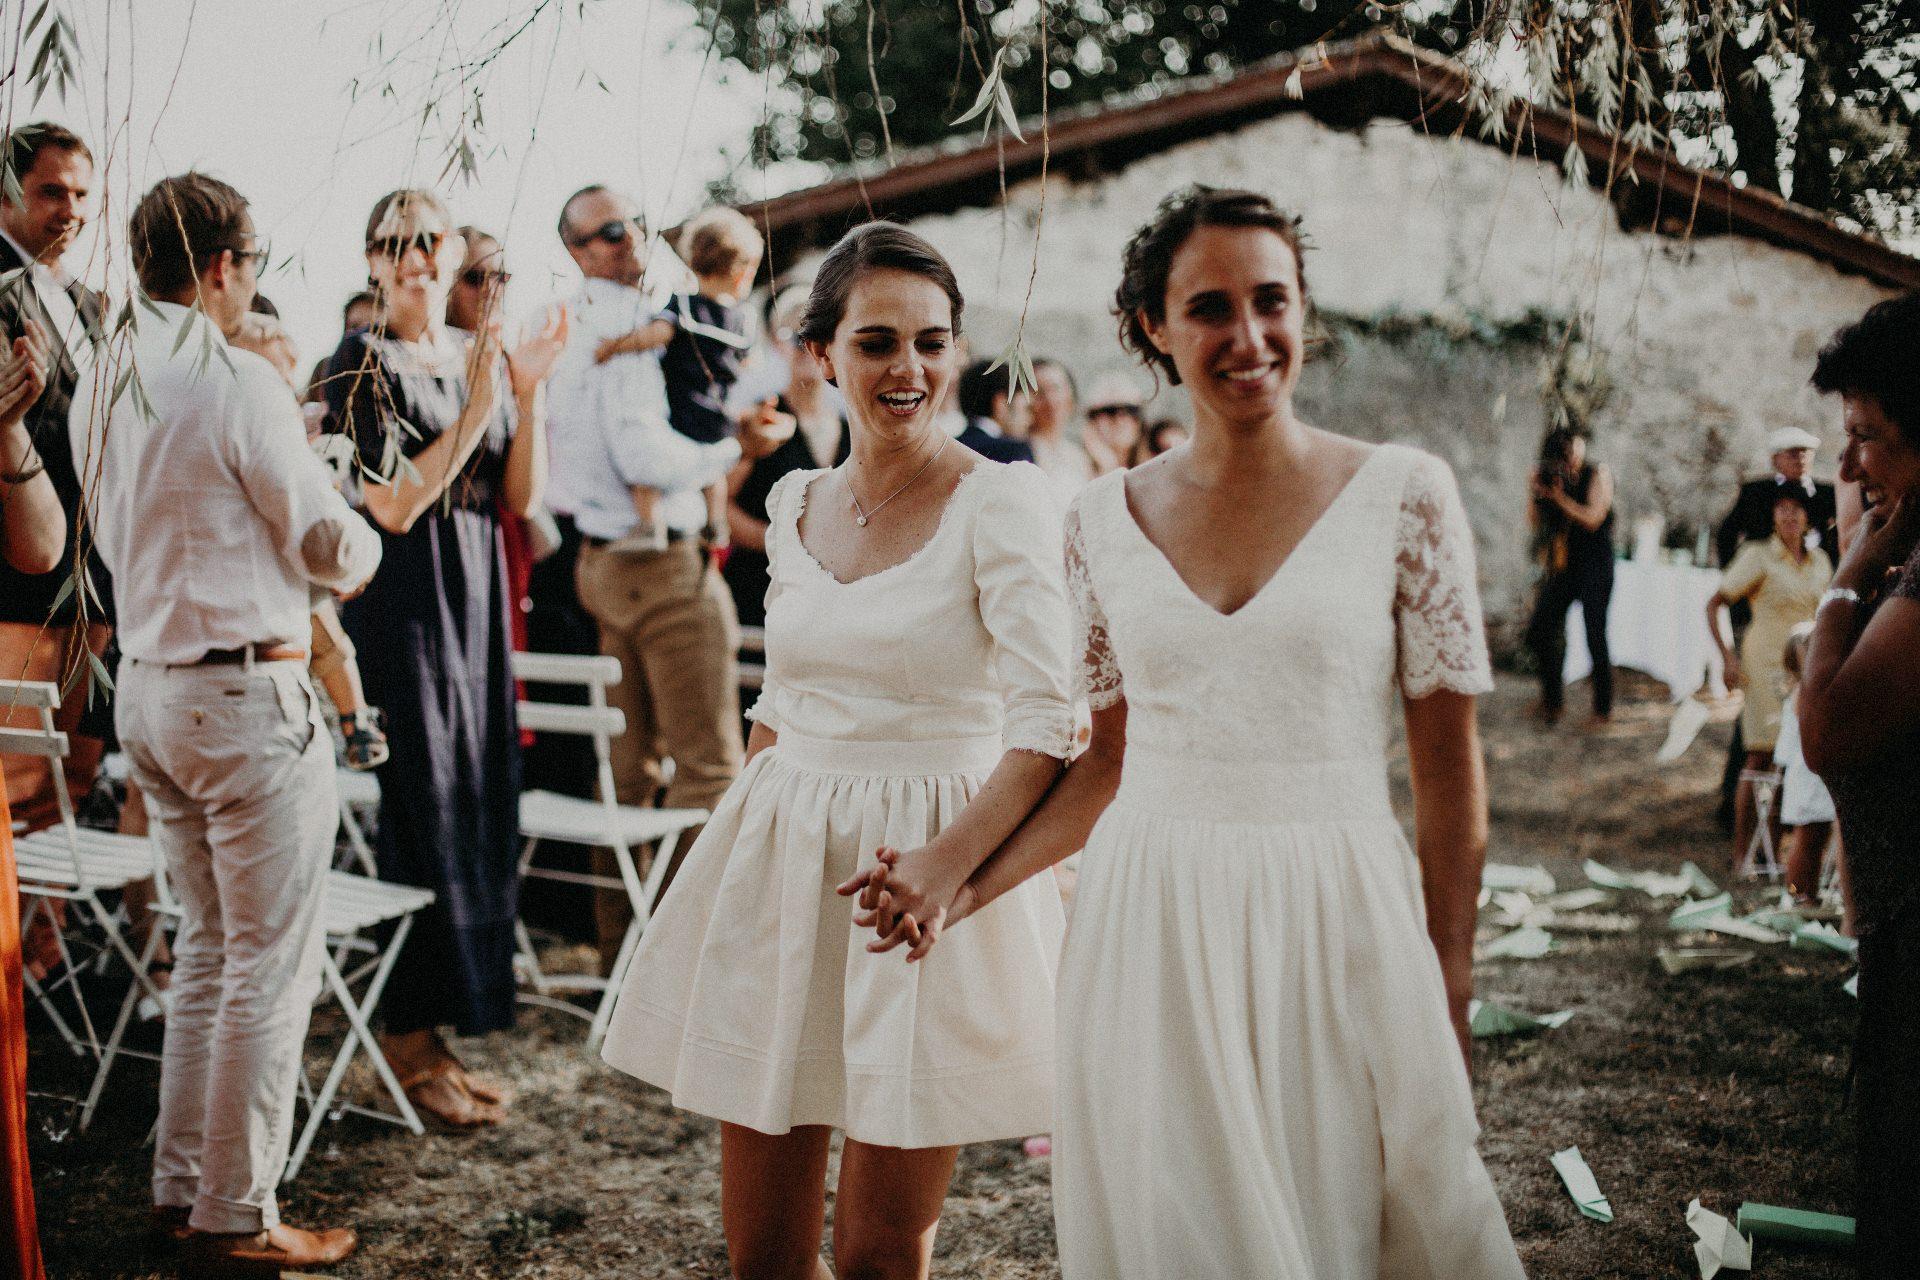 photographe-mariage-bordeaux-49.jpg